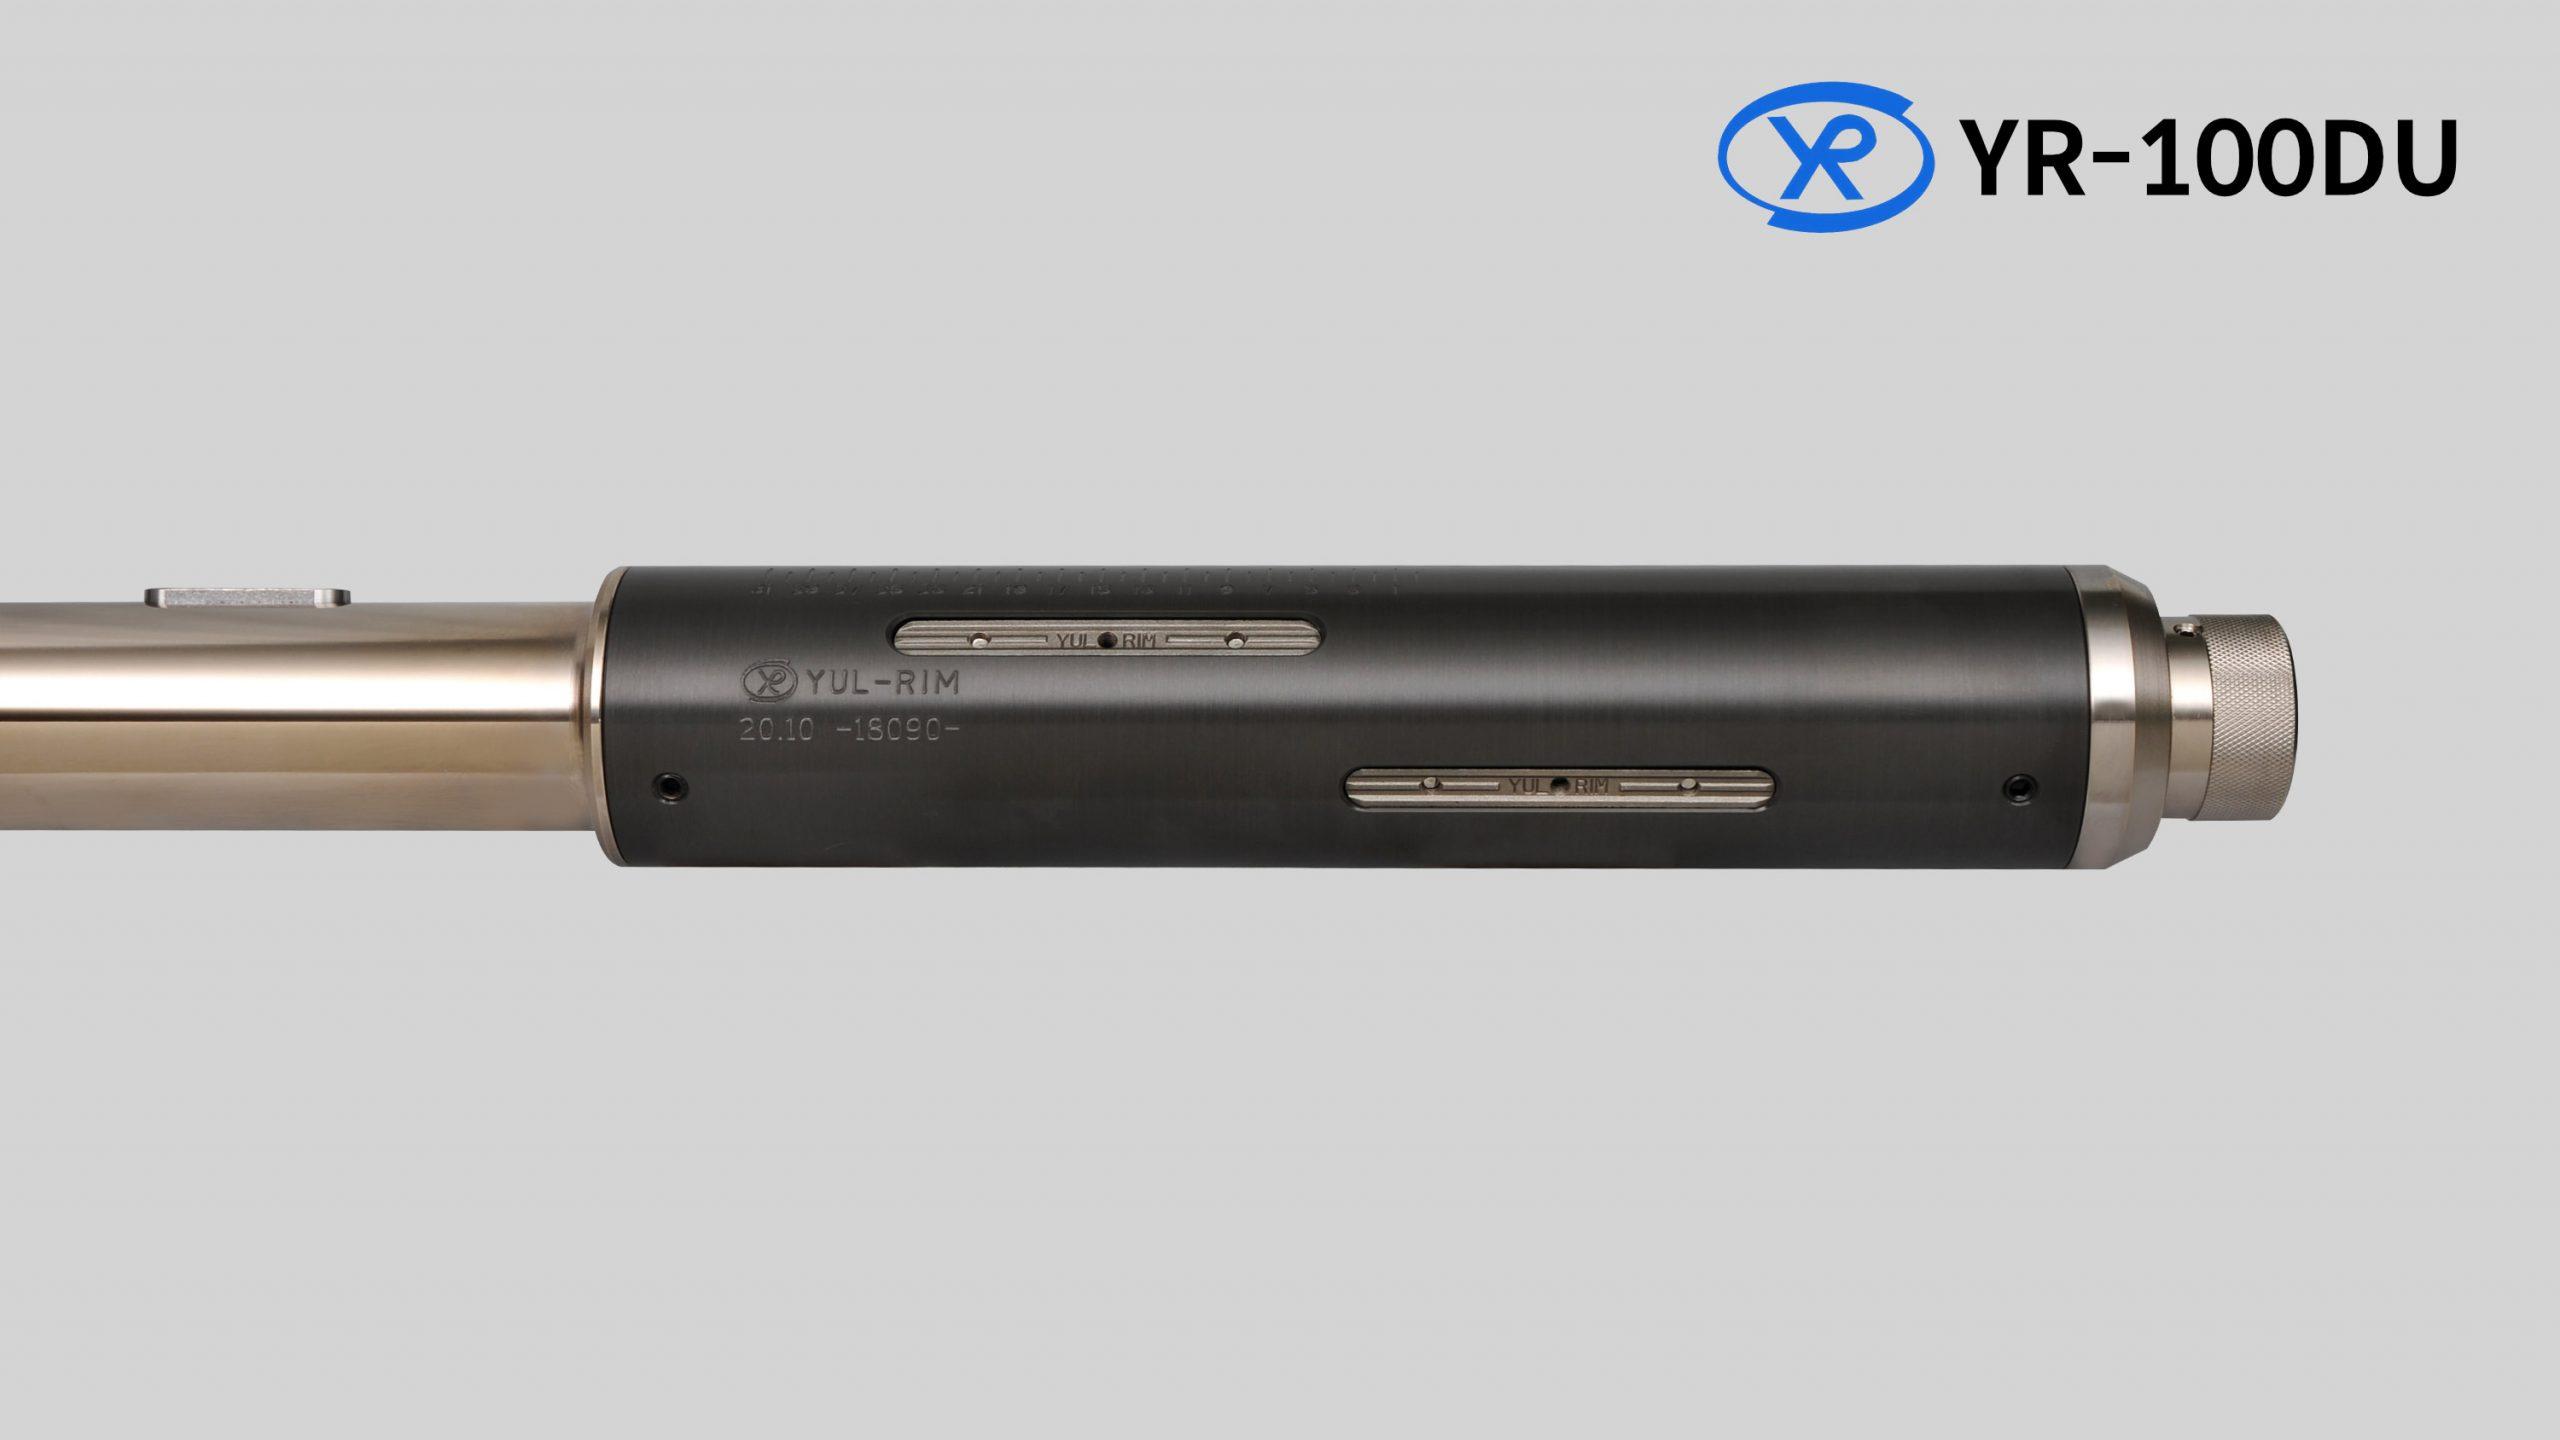 YR-100DU-02